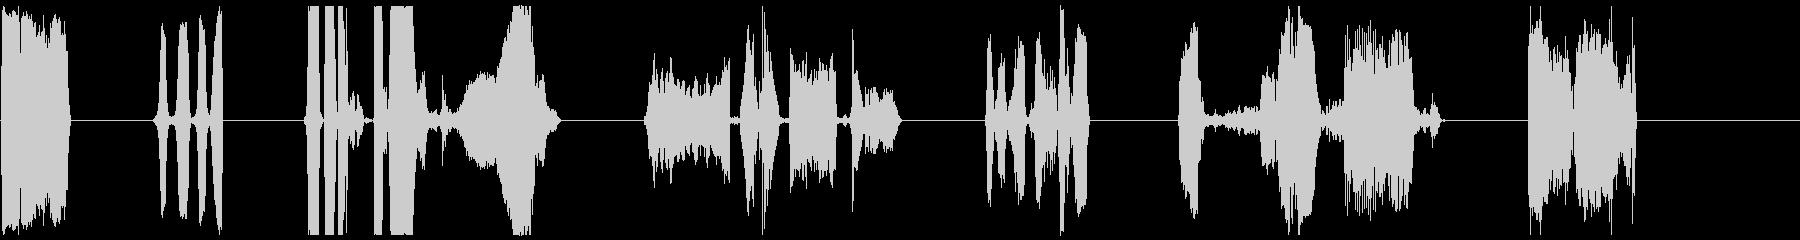 純粋なビニール1-7の未再生の波形